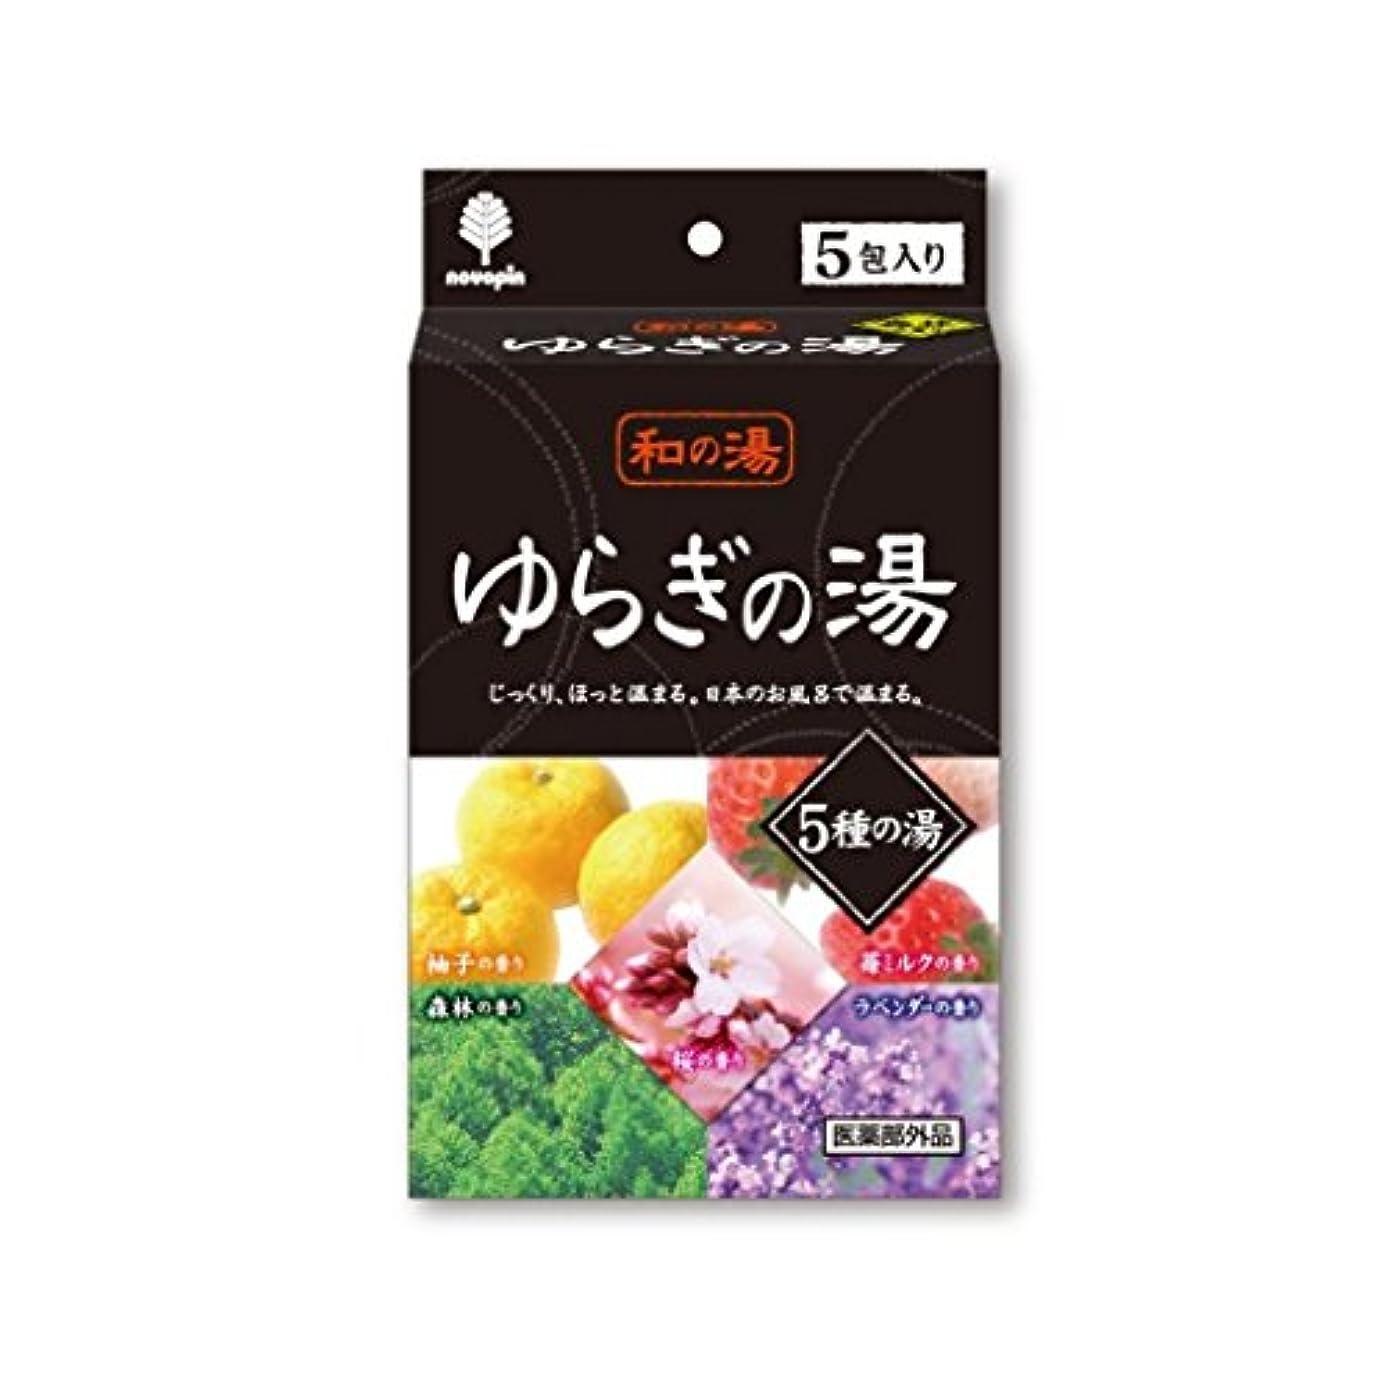 検体ヘア生きる紀陽除虫菊 日本製 Japan 和の湯 ゆらぎの湯 5種の湯 25g×5包入 【まとめ買い10個セット】